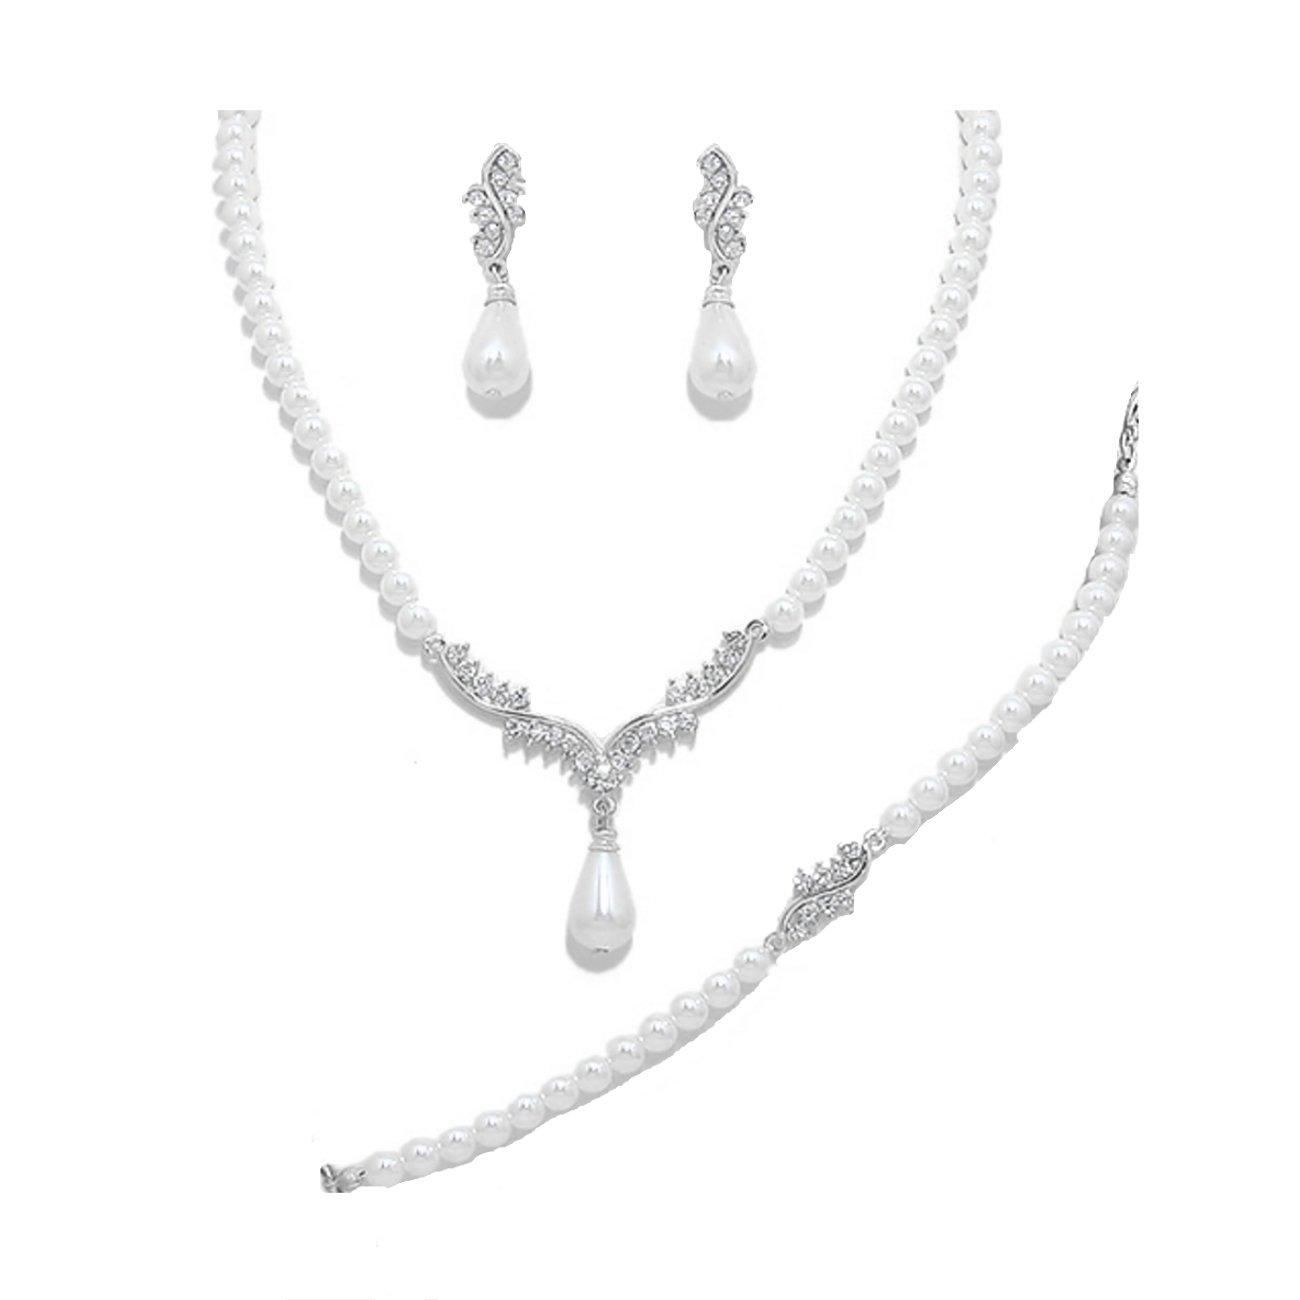 Mariage feines Parure de mariée mariage Kit Bijoux Collier avec bracelet boucles d'oreilles perles Blanc avec Cristal Transparent Schmuckanthony 7238NS